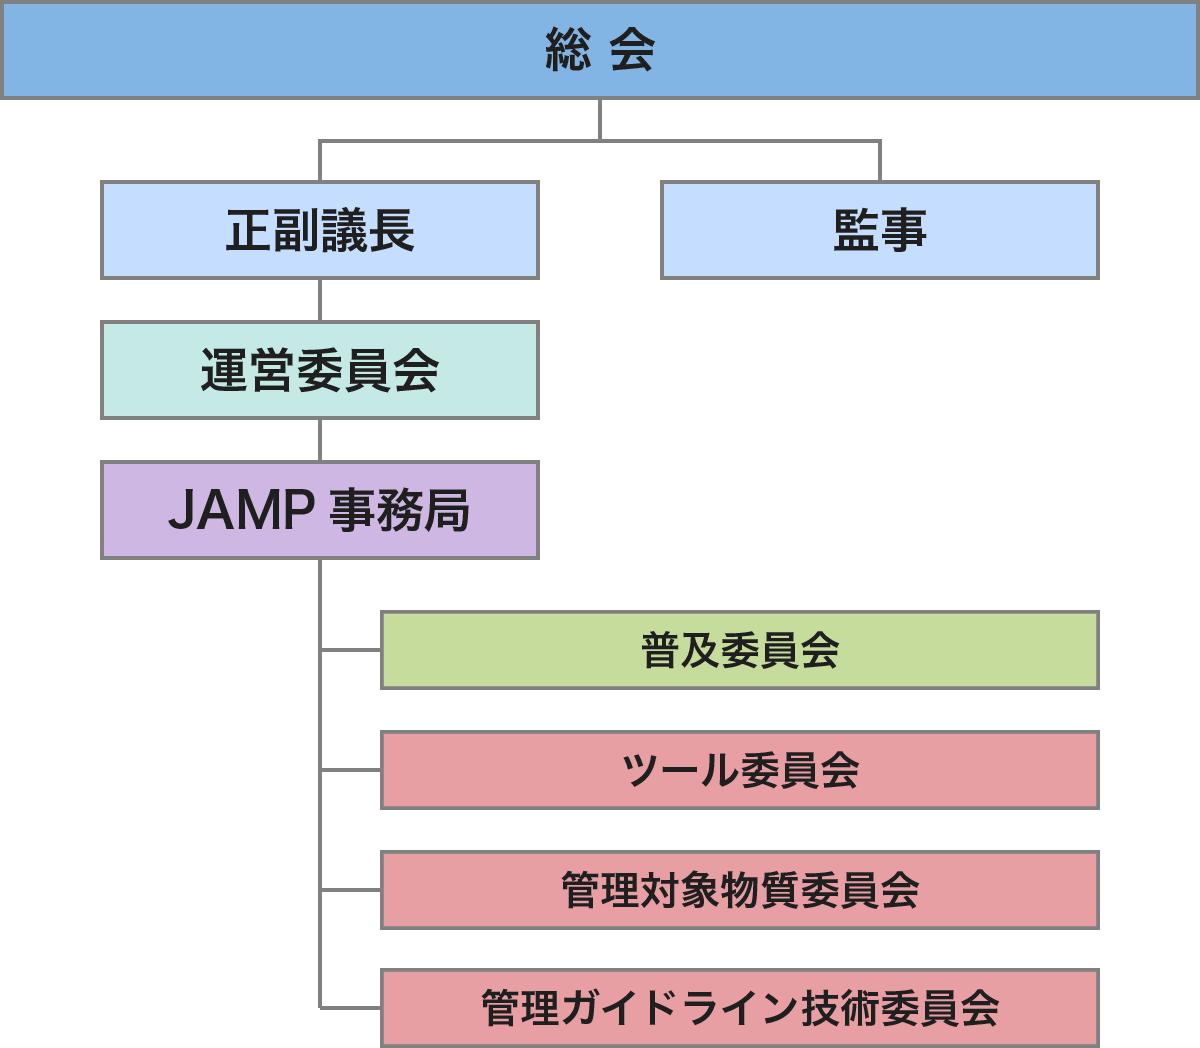 組織図の画像